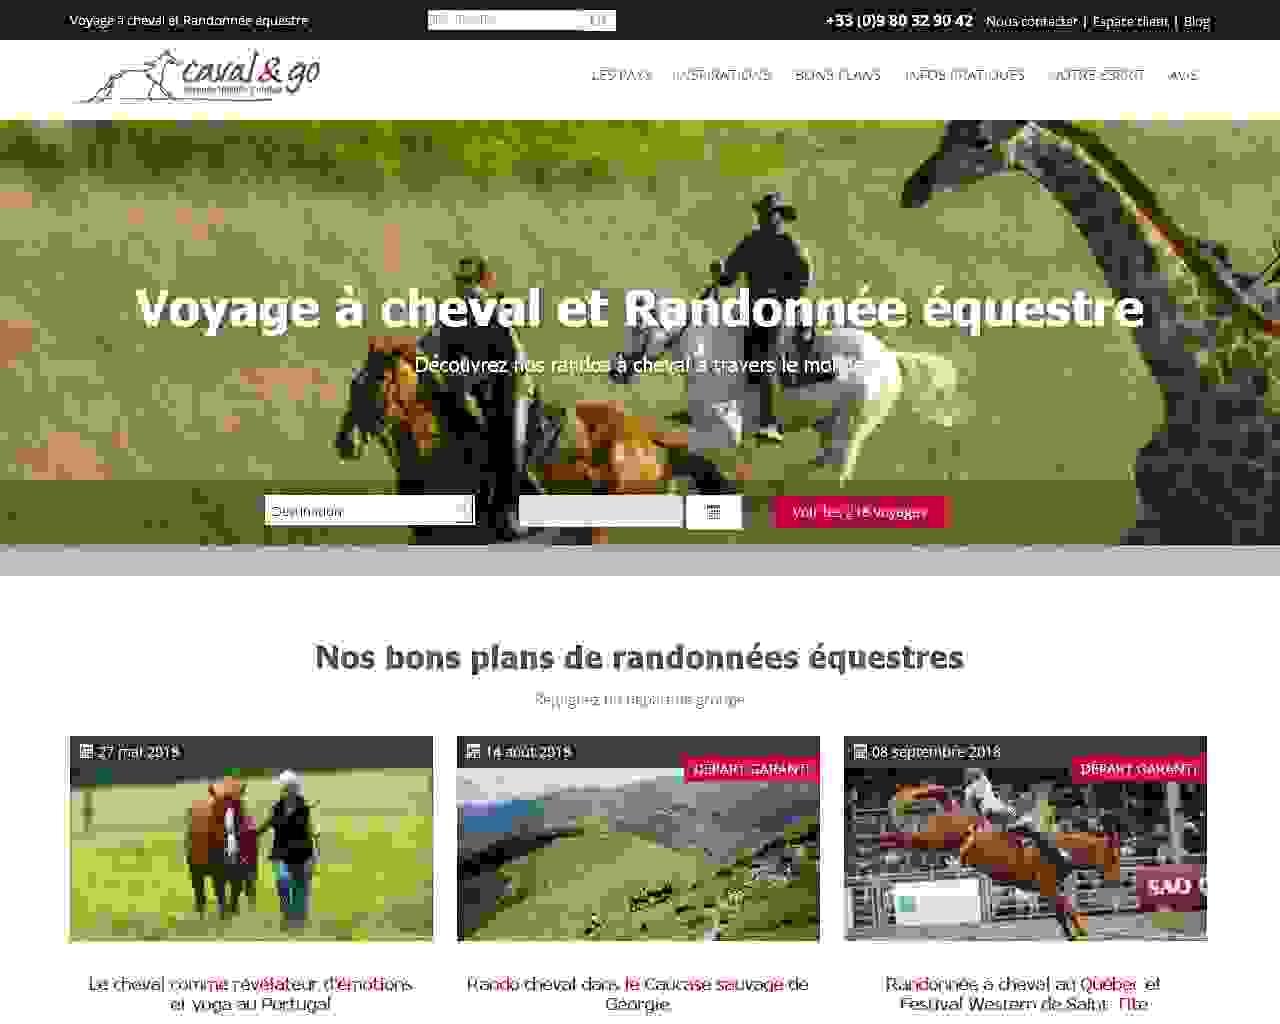 Caval&go